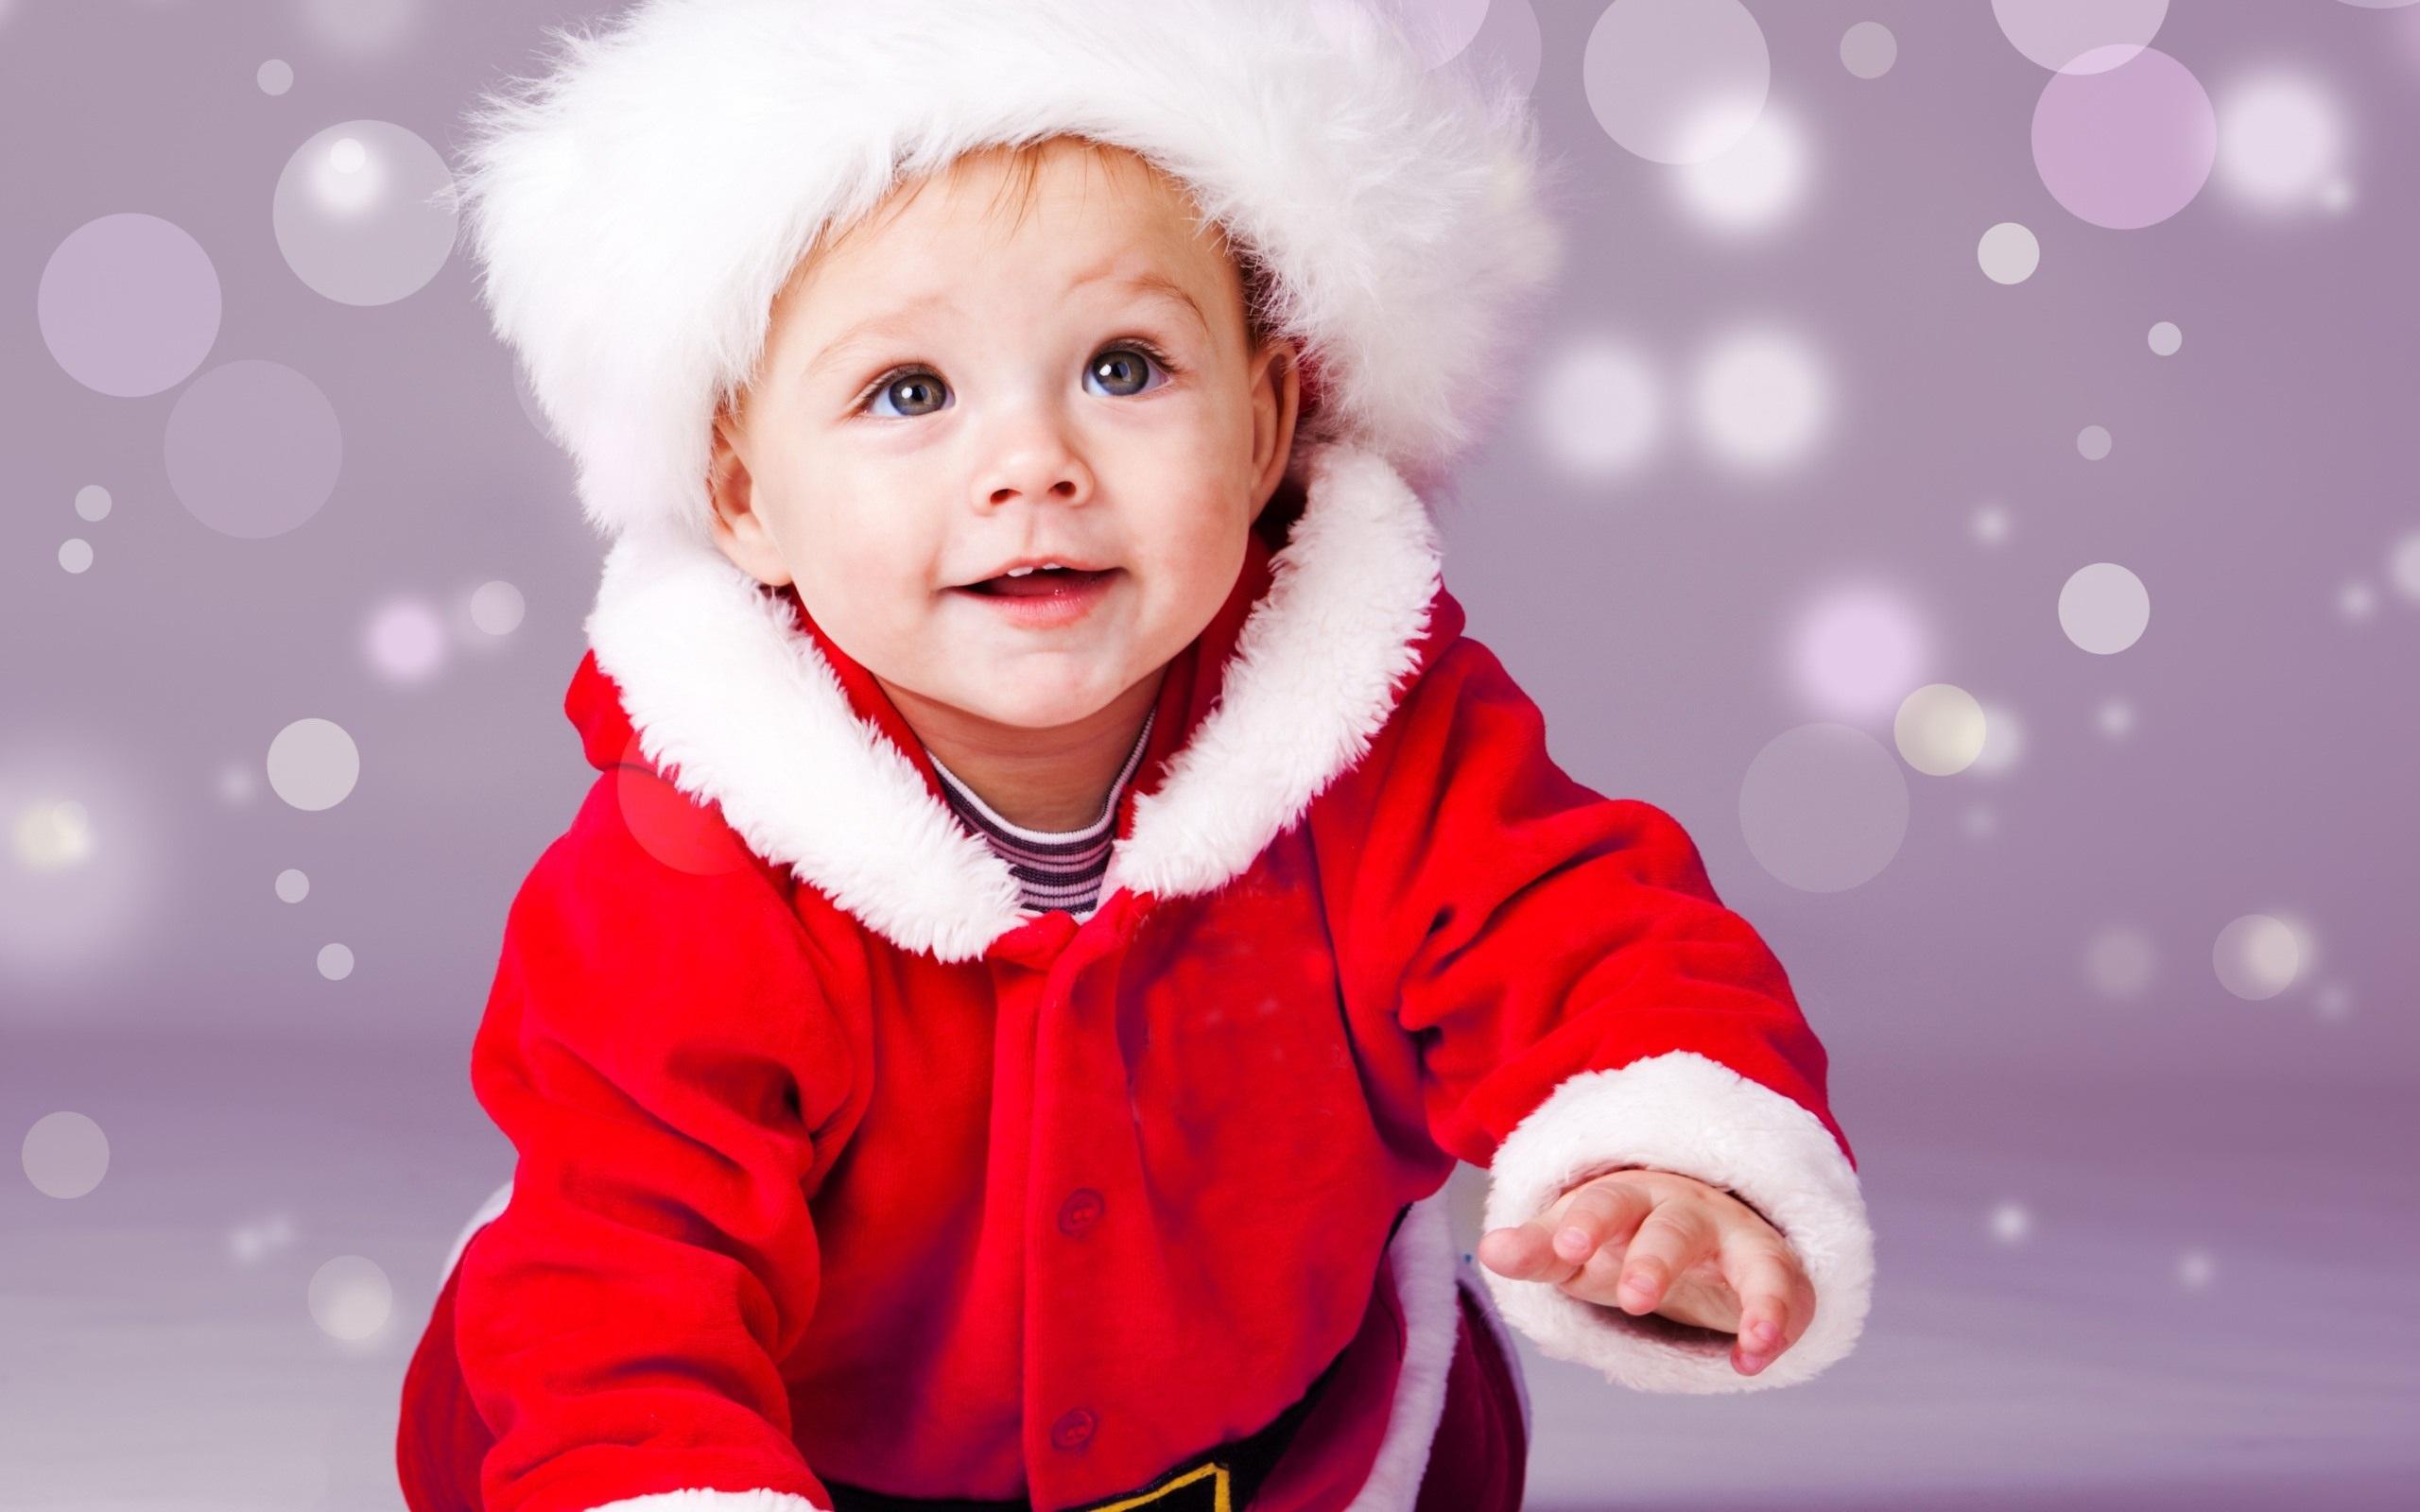 W Polsce żyje 83,5 tys. Mikołajów. Najwięcej w Wielkopolsce